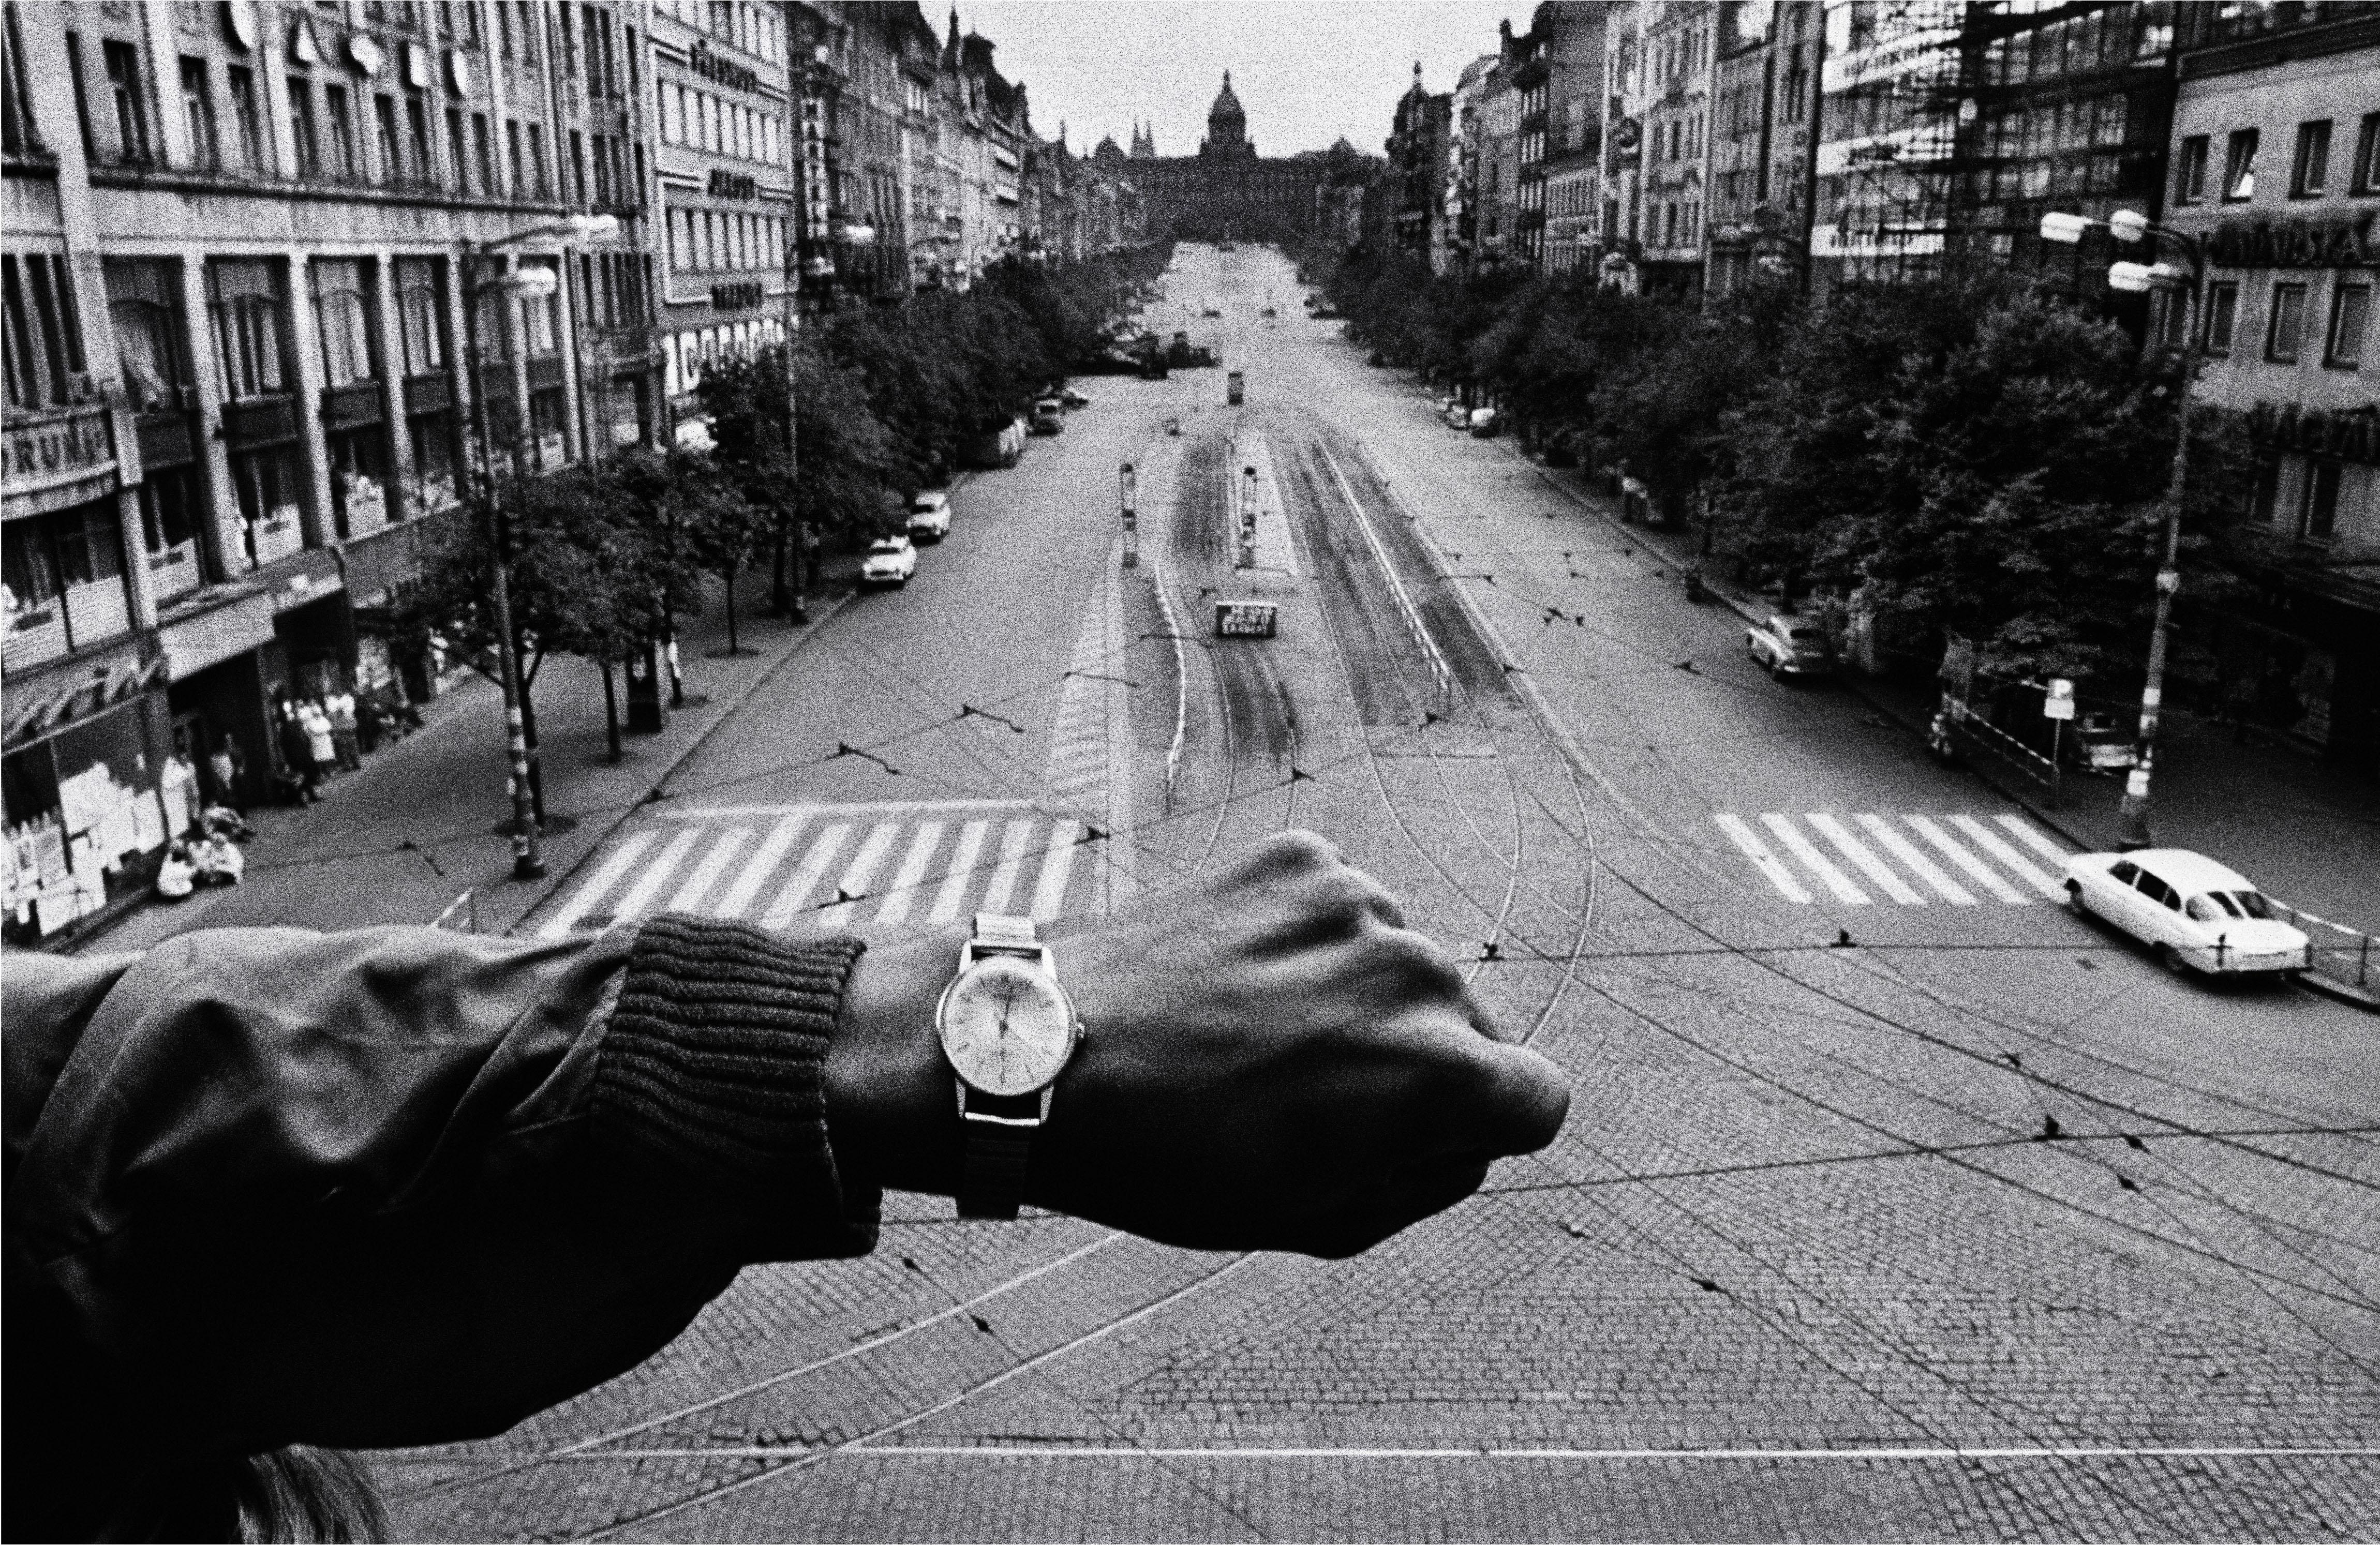 Koudelka: (Mano y reloj de pulsera), 1968, copia de 1990 Cortesía Josef Koudelka/Magnum Photos © Josef Koudelka / Magnum Photos